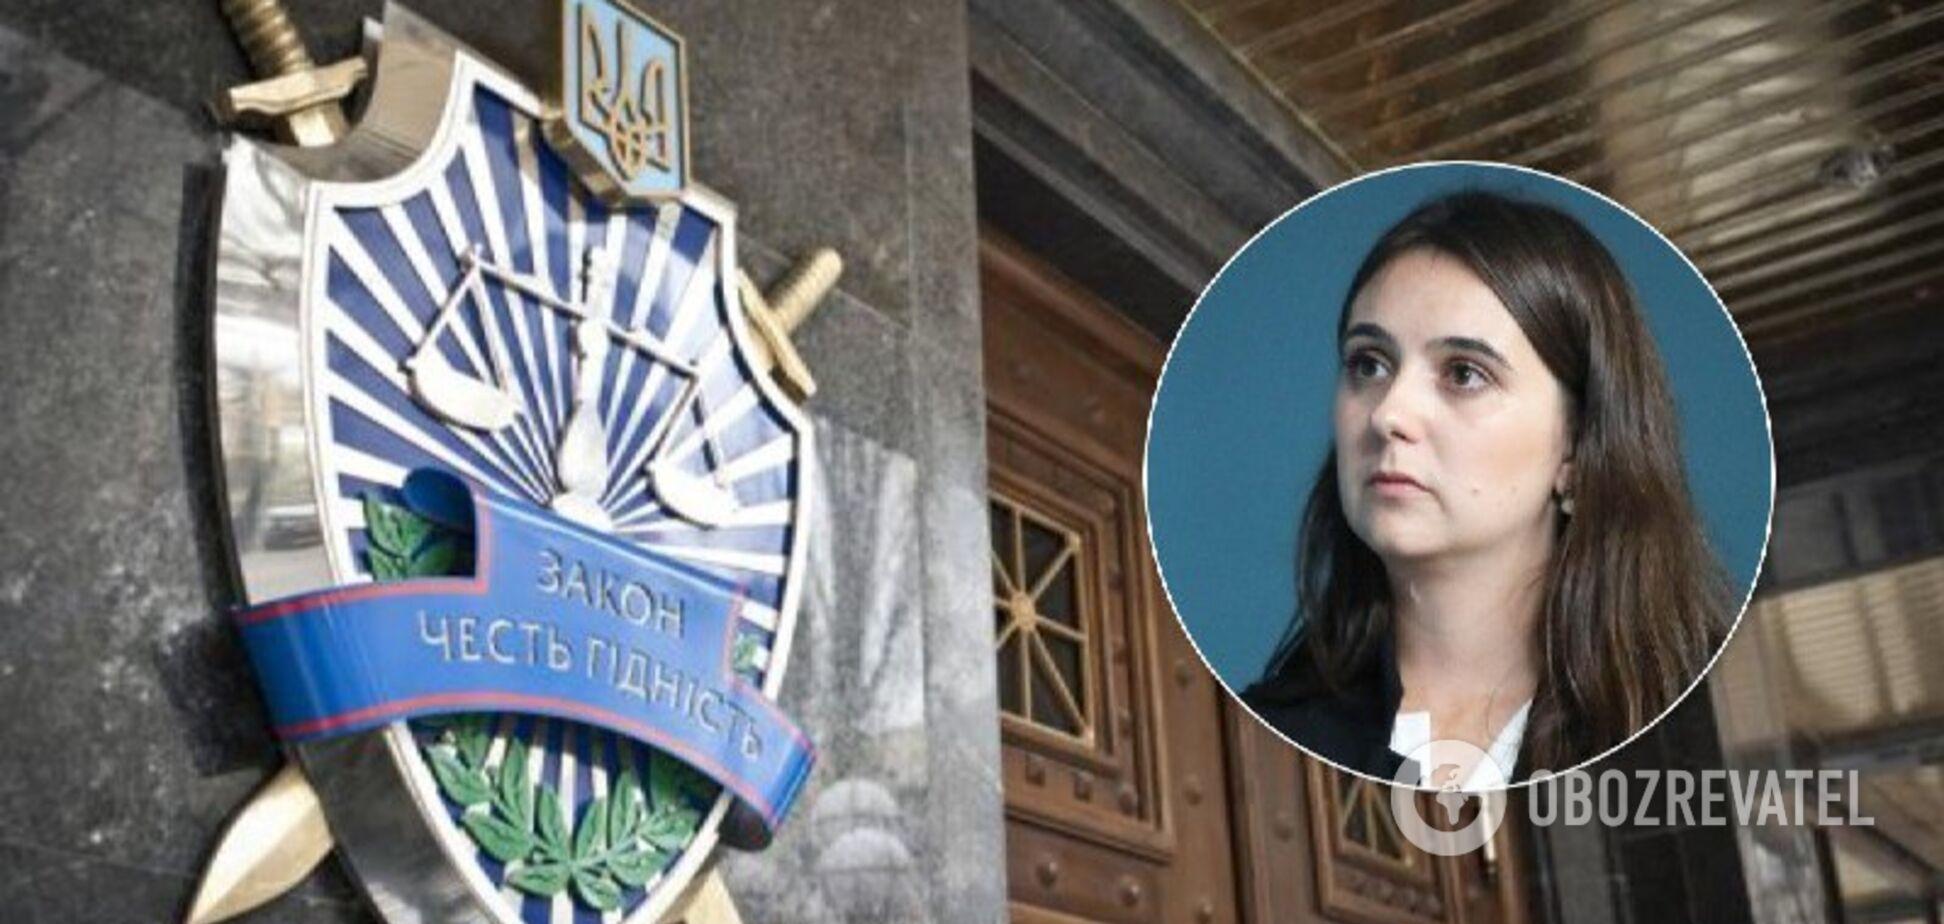 Пресс-секретаря Зеленского вызвали на допрос в военную прокуратуру: что произошло